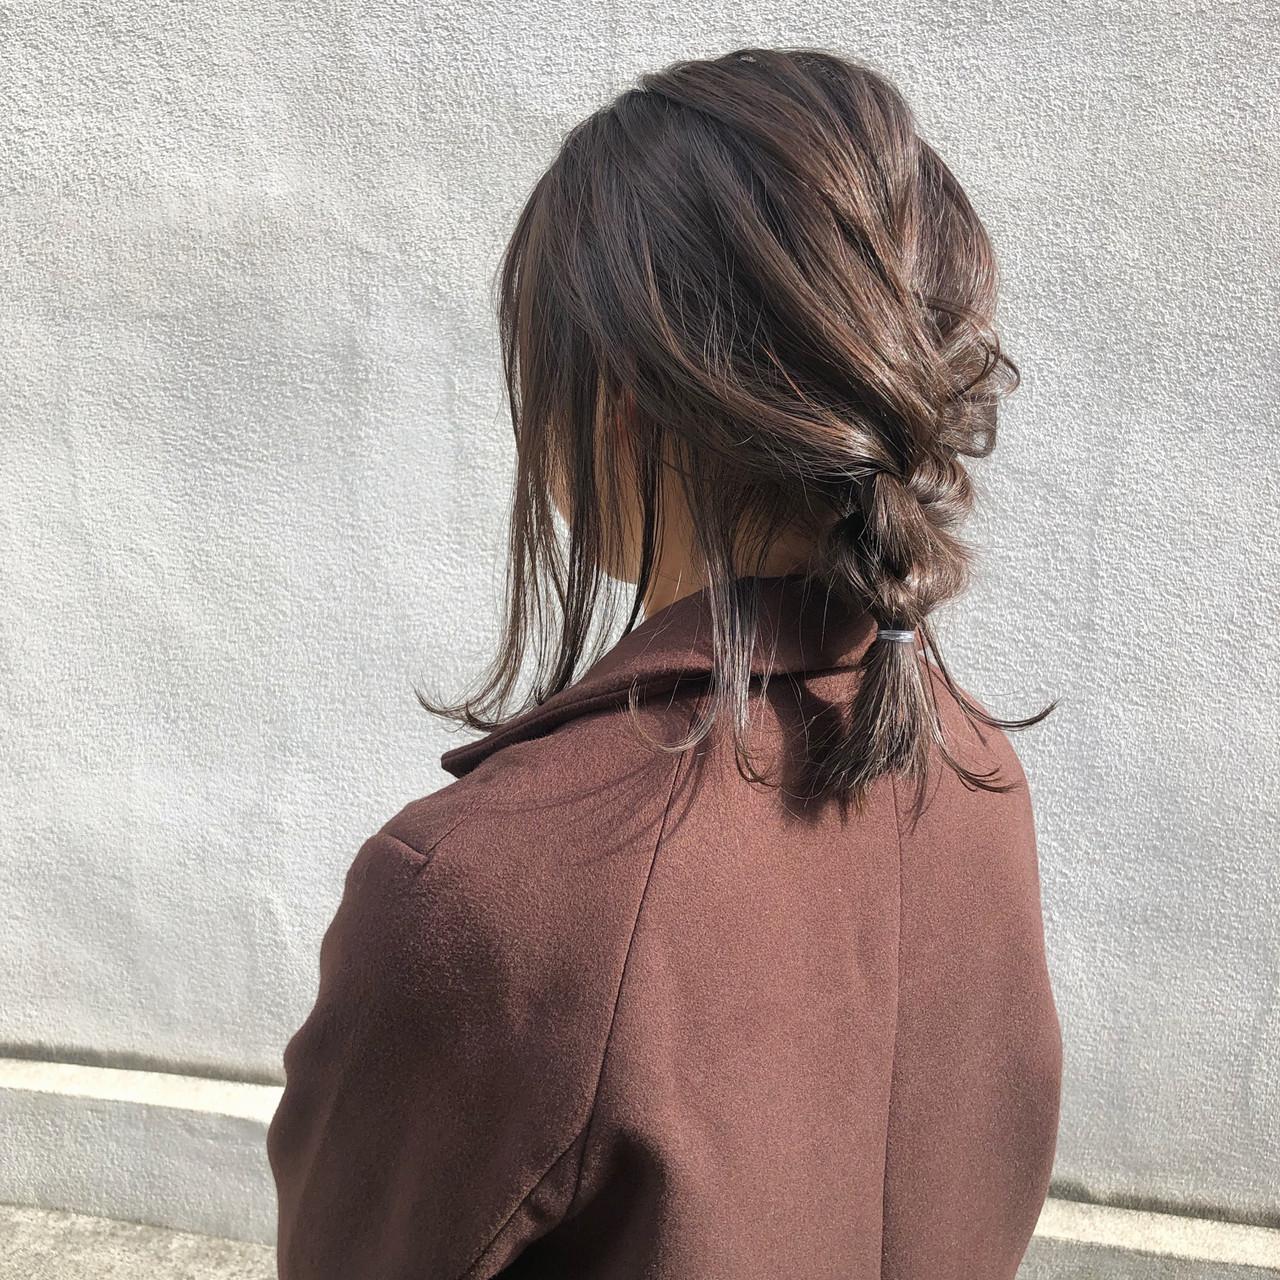 後れ毛がポイント♡超簡単ヘアアレンジ方法 安岡 美玖